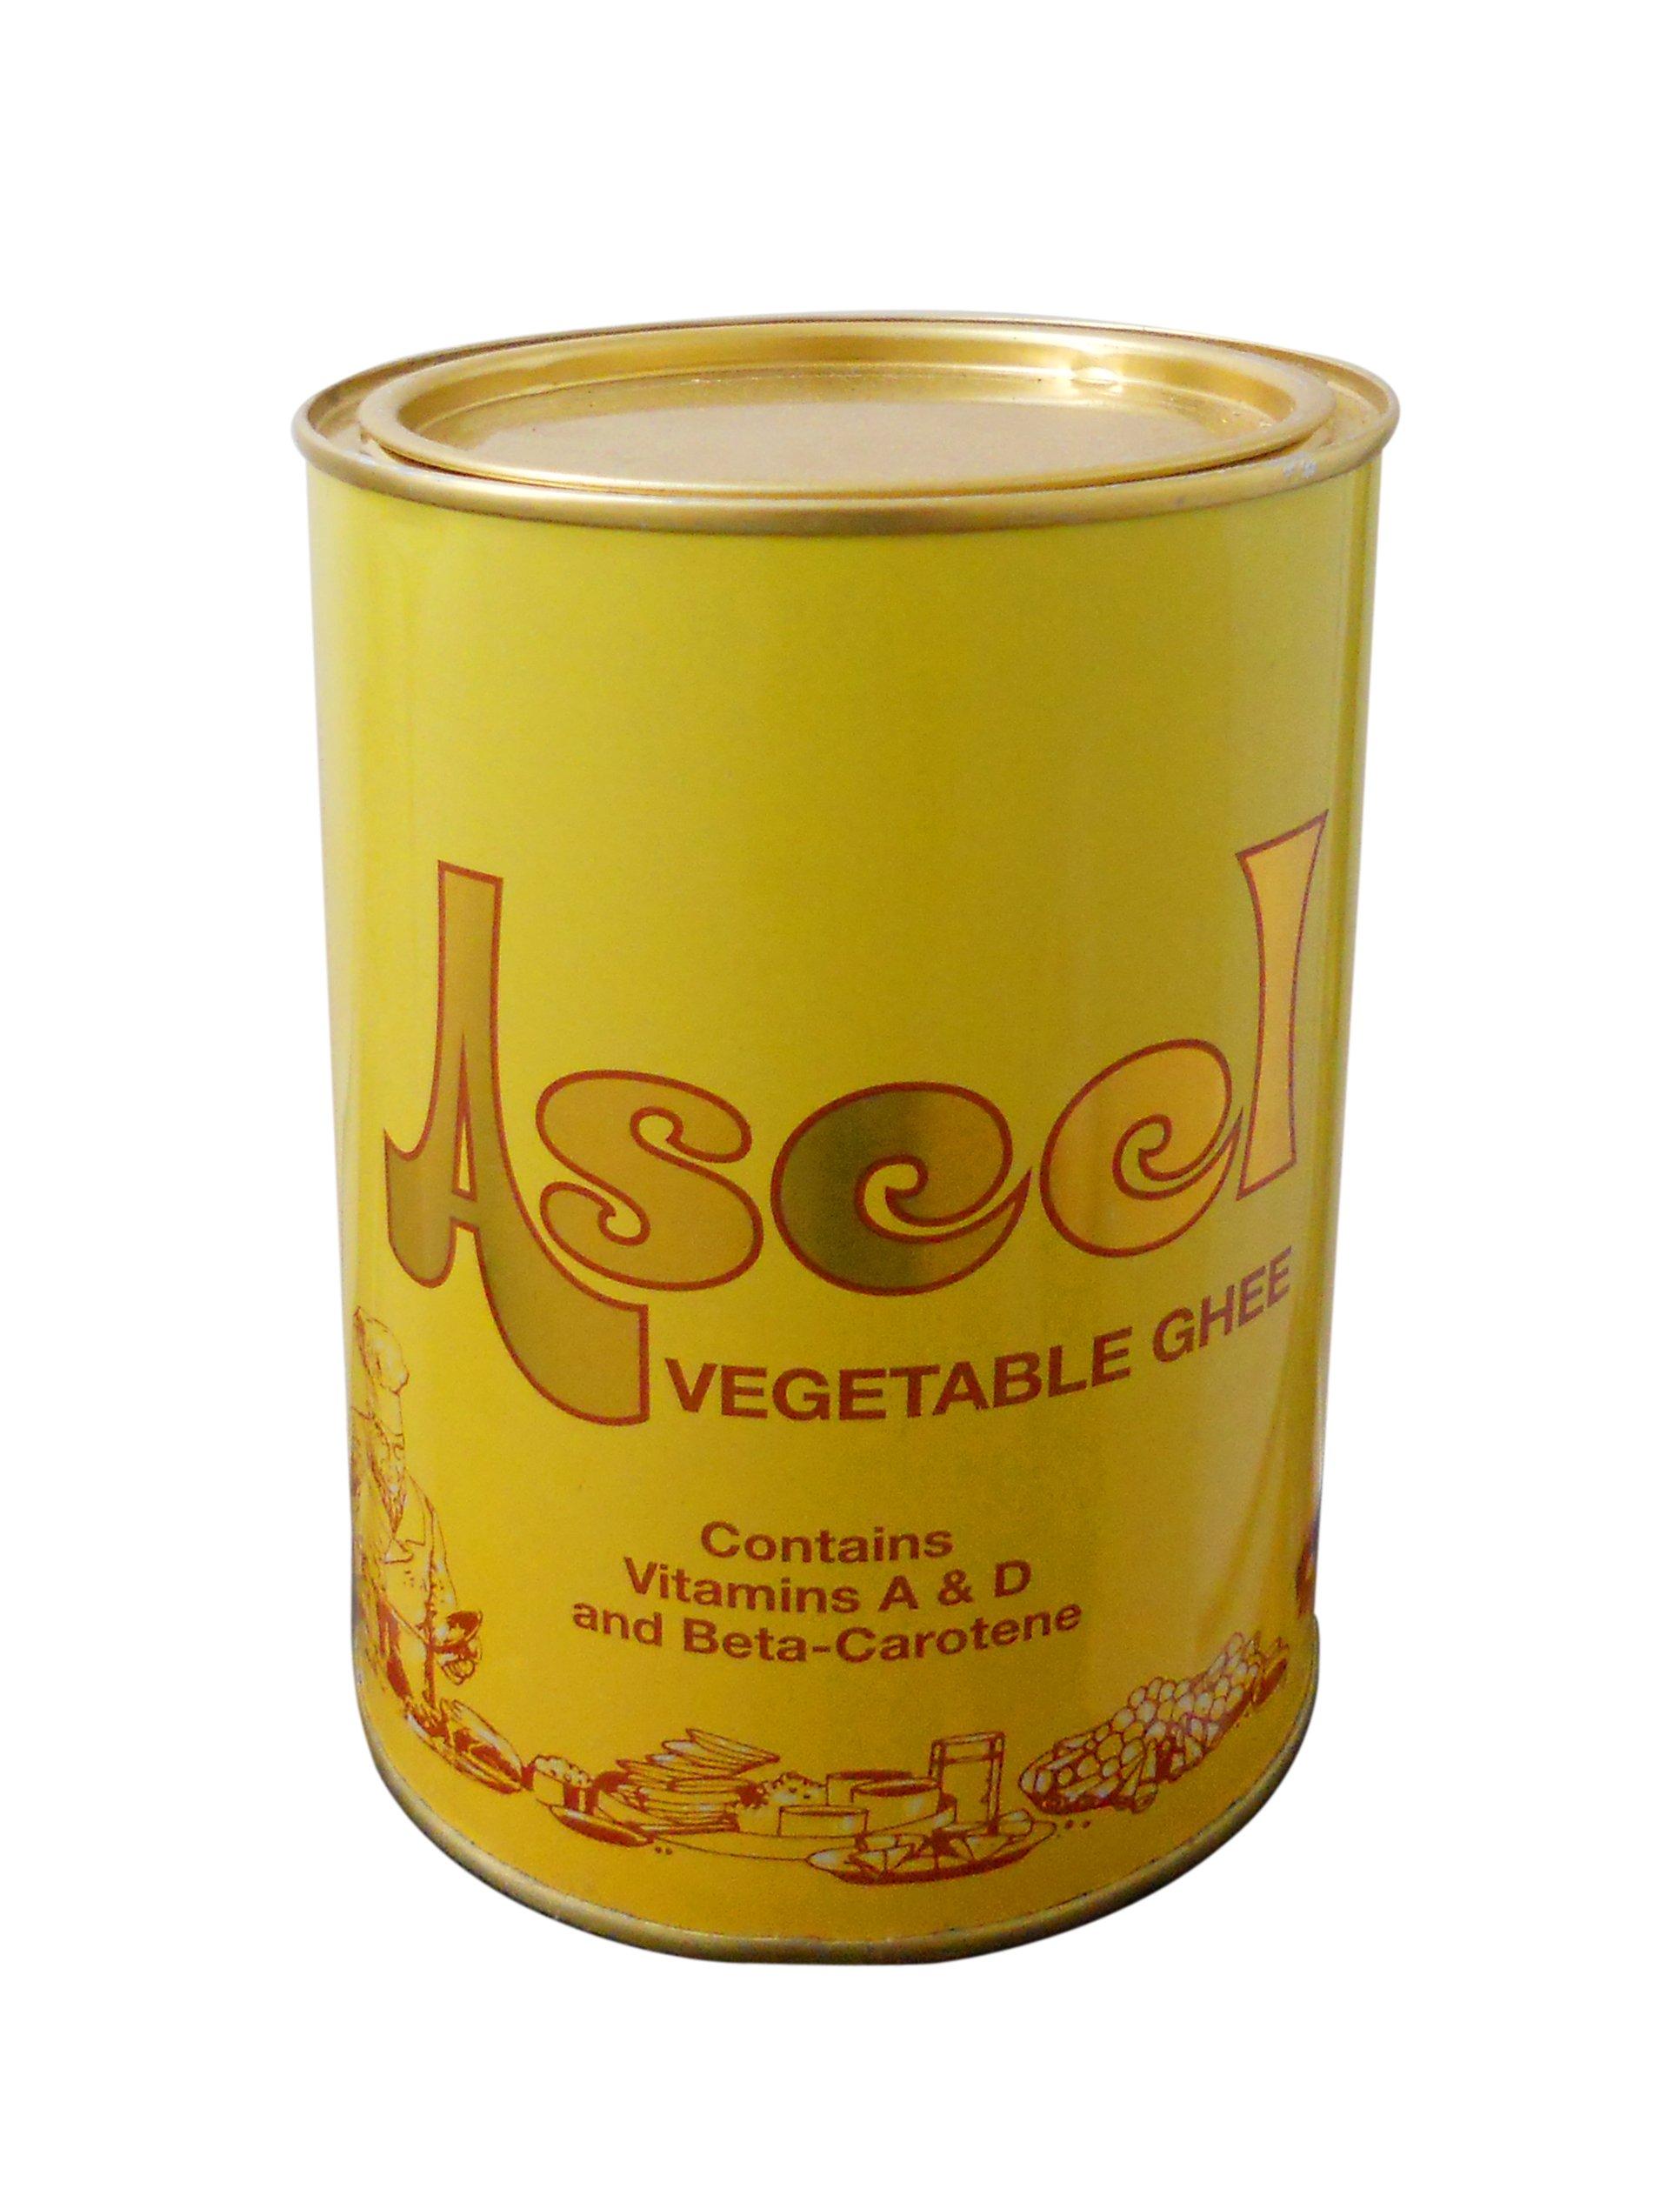 Aseel Vegetable Ghee (2.2 Lb (1 Kg)